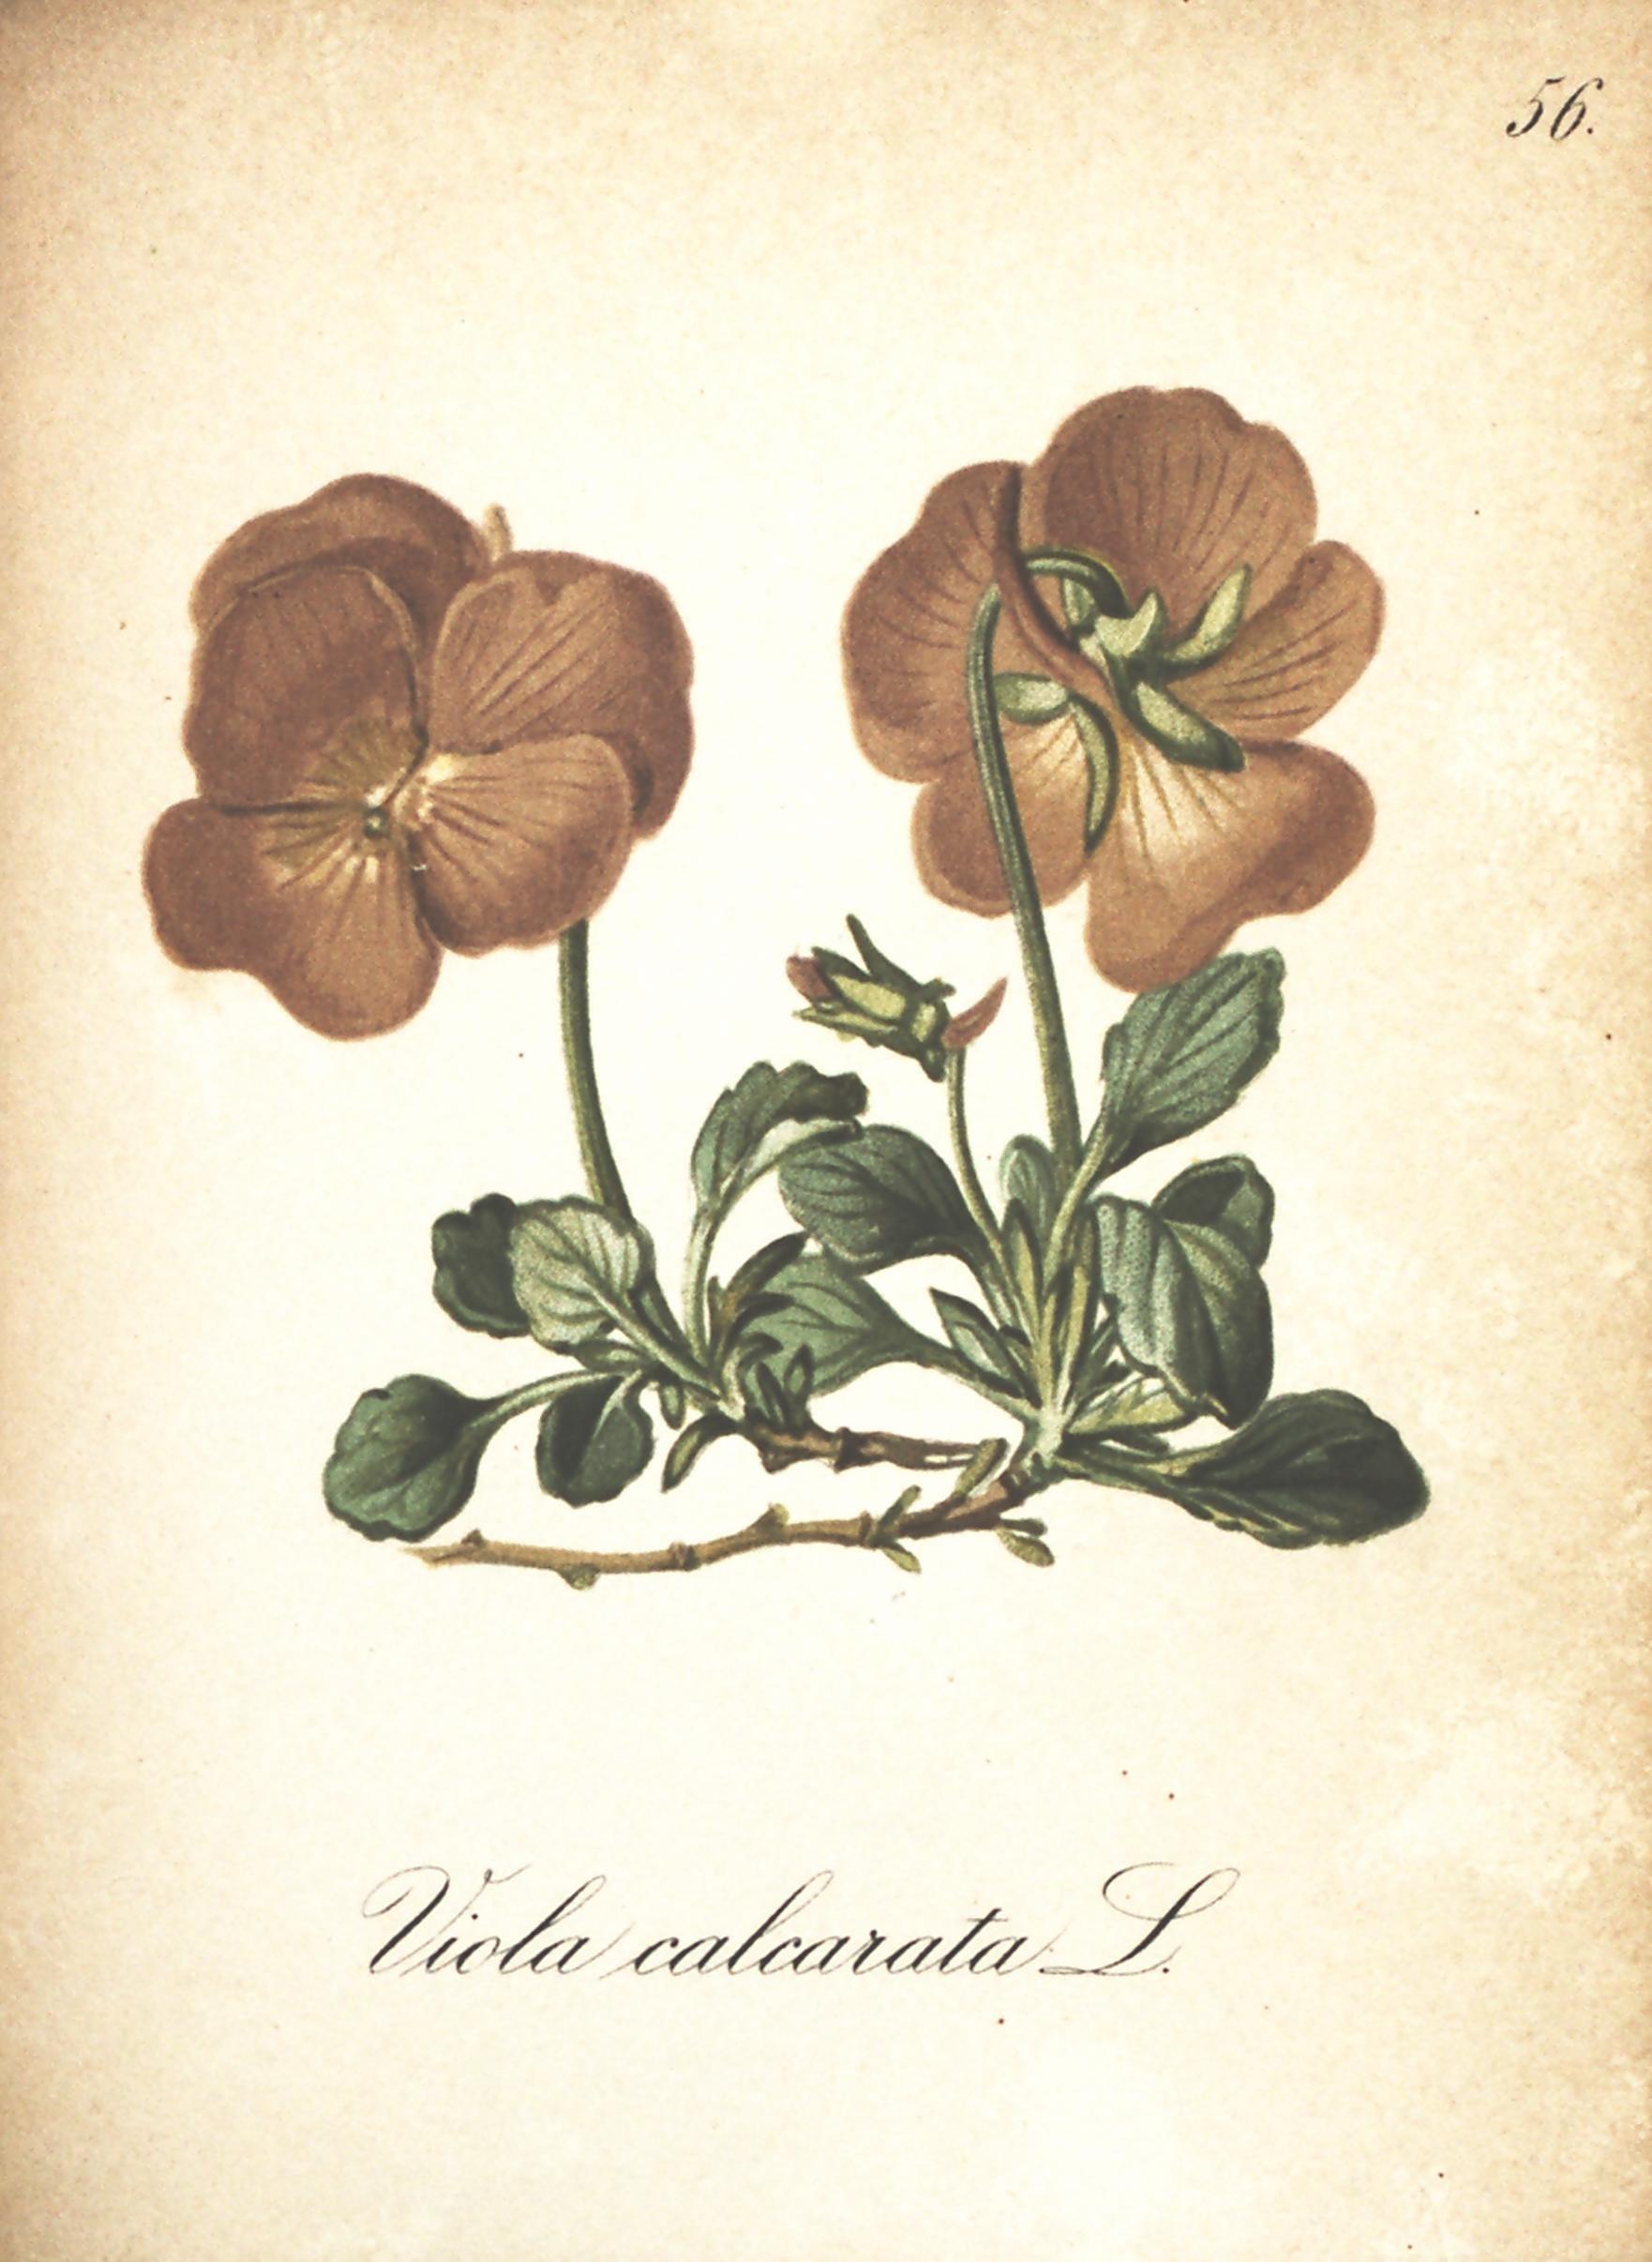 Image of Gesporntes Veilchen